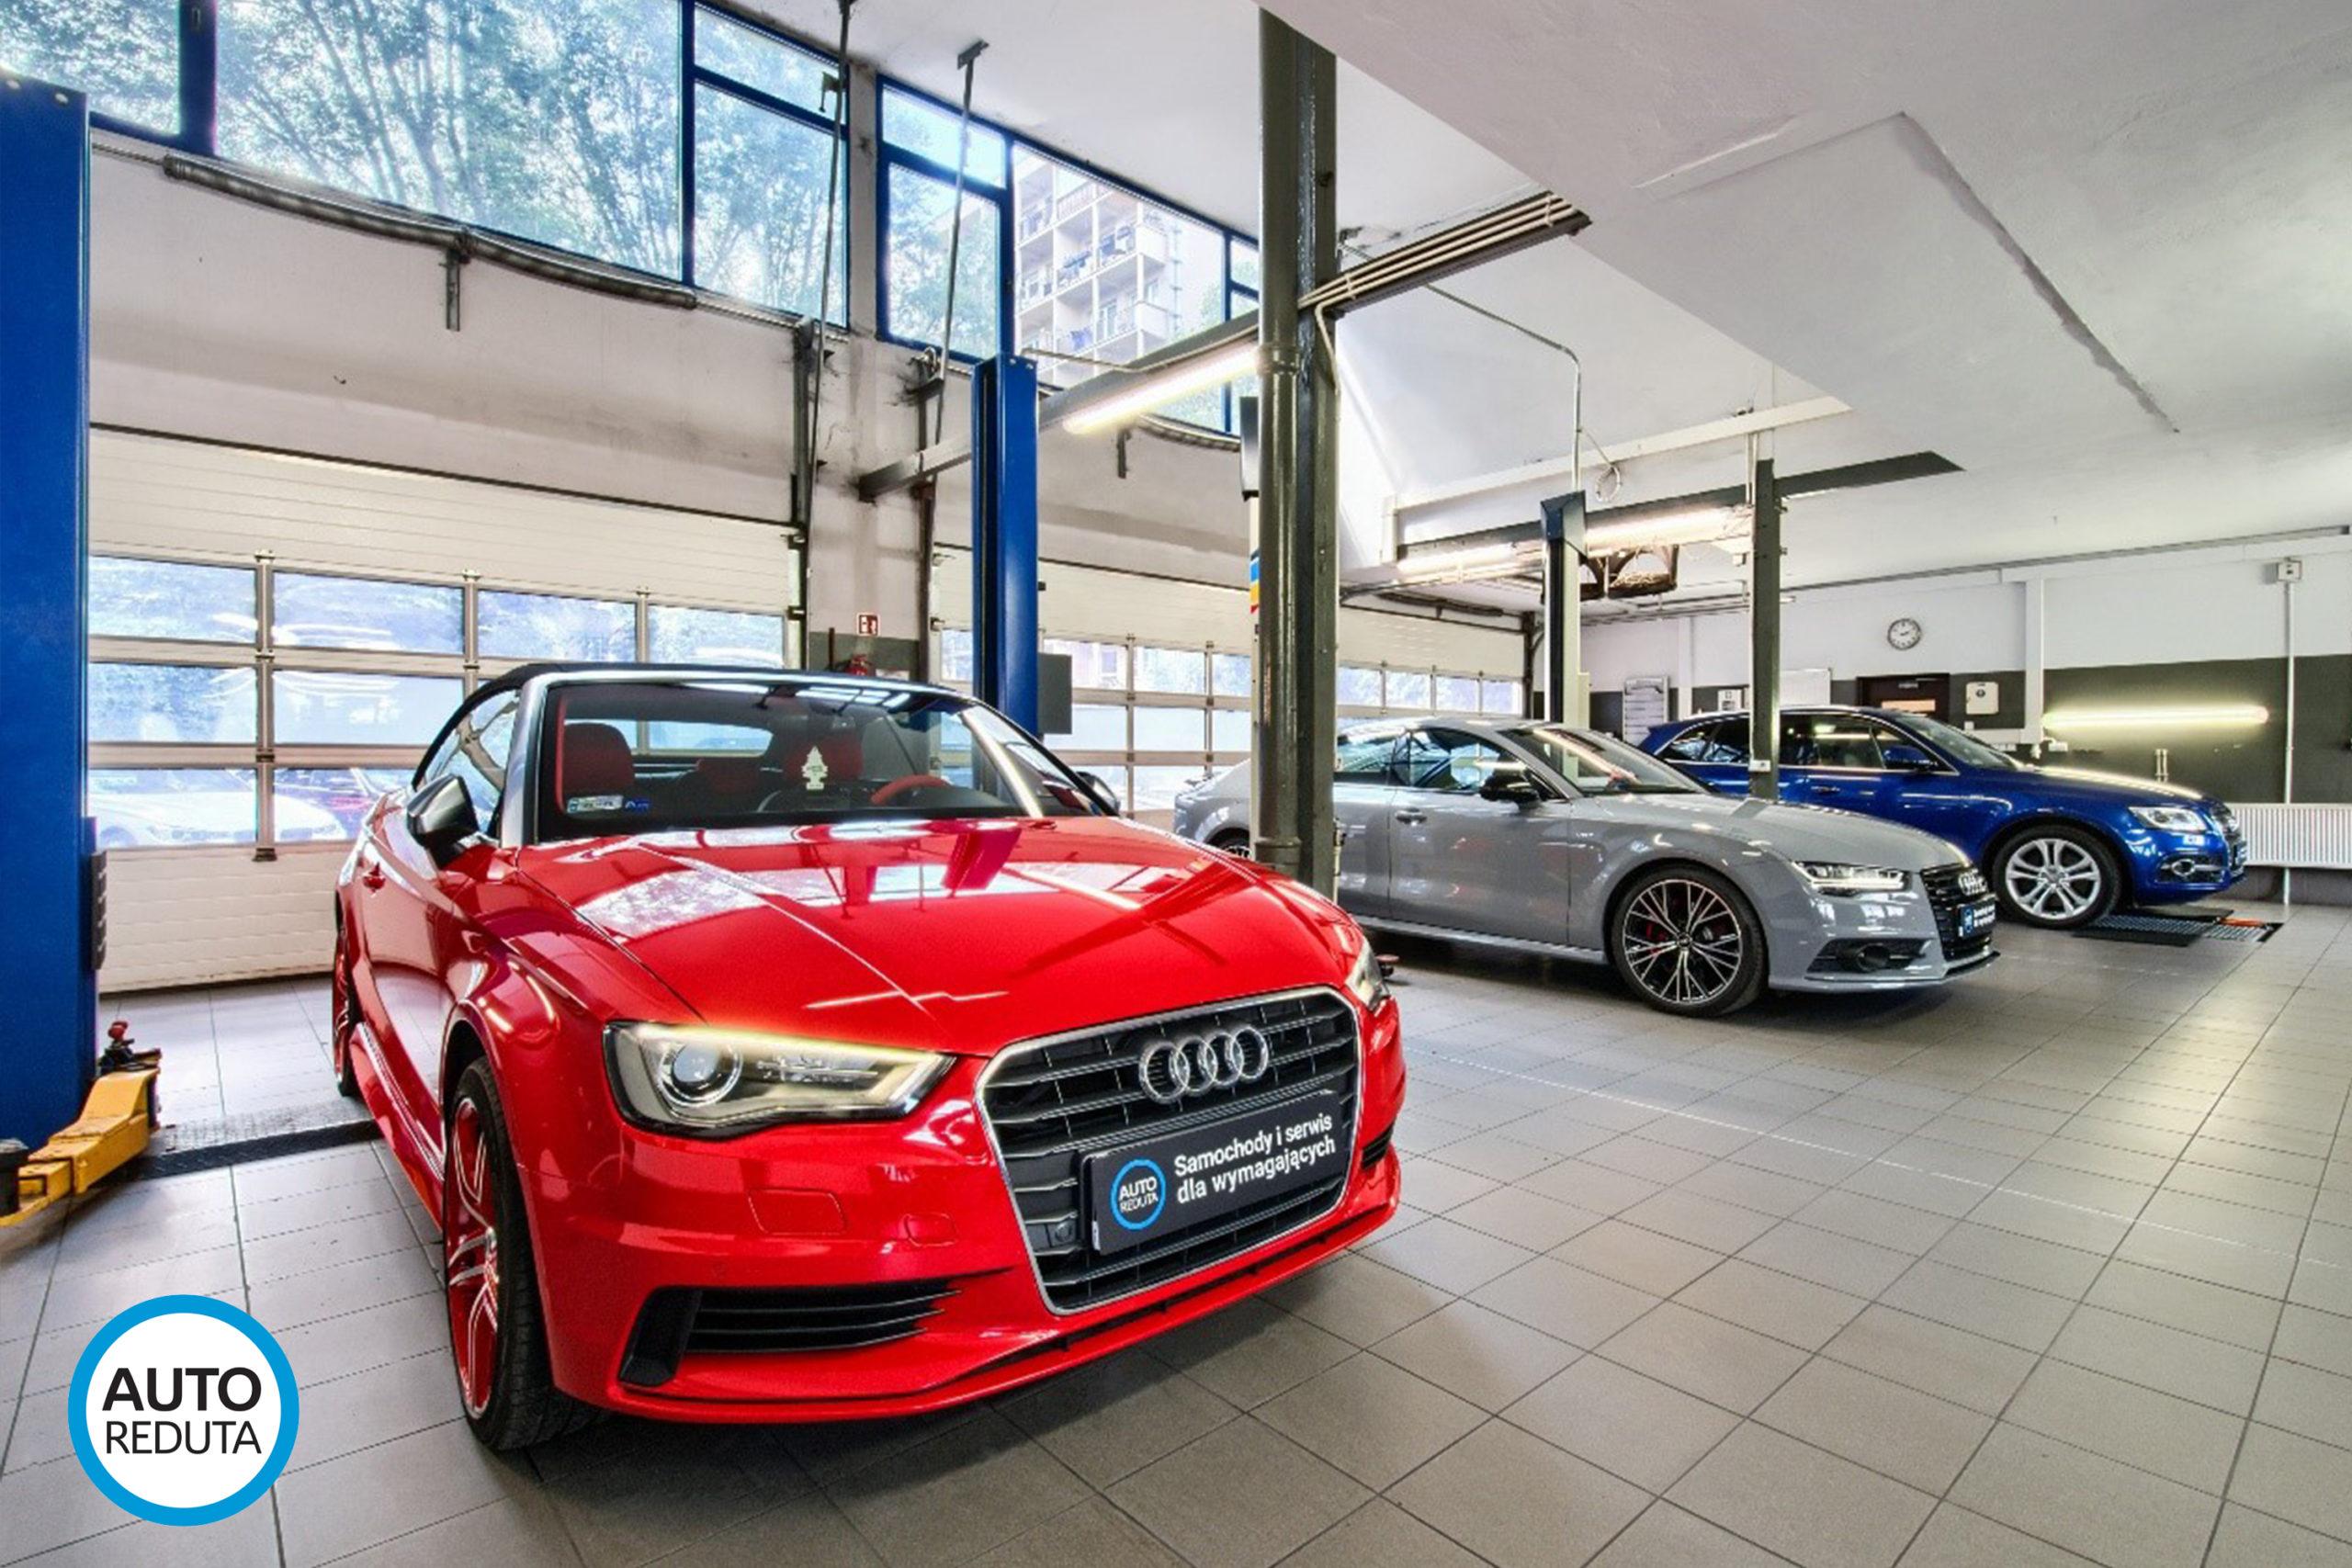 Najbardziej agresywna sylwetka na drodze? To musi być Audi - MrGentleman.pl